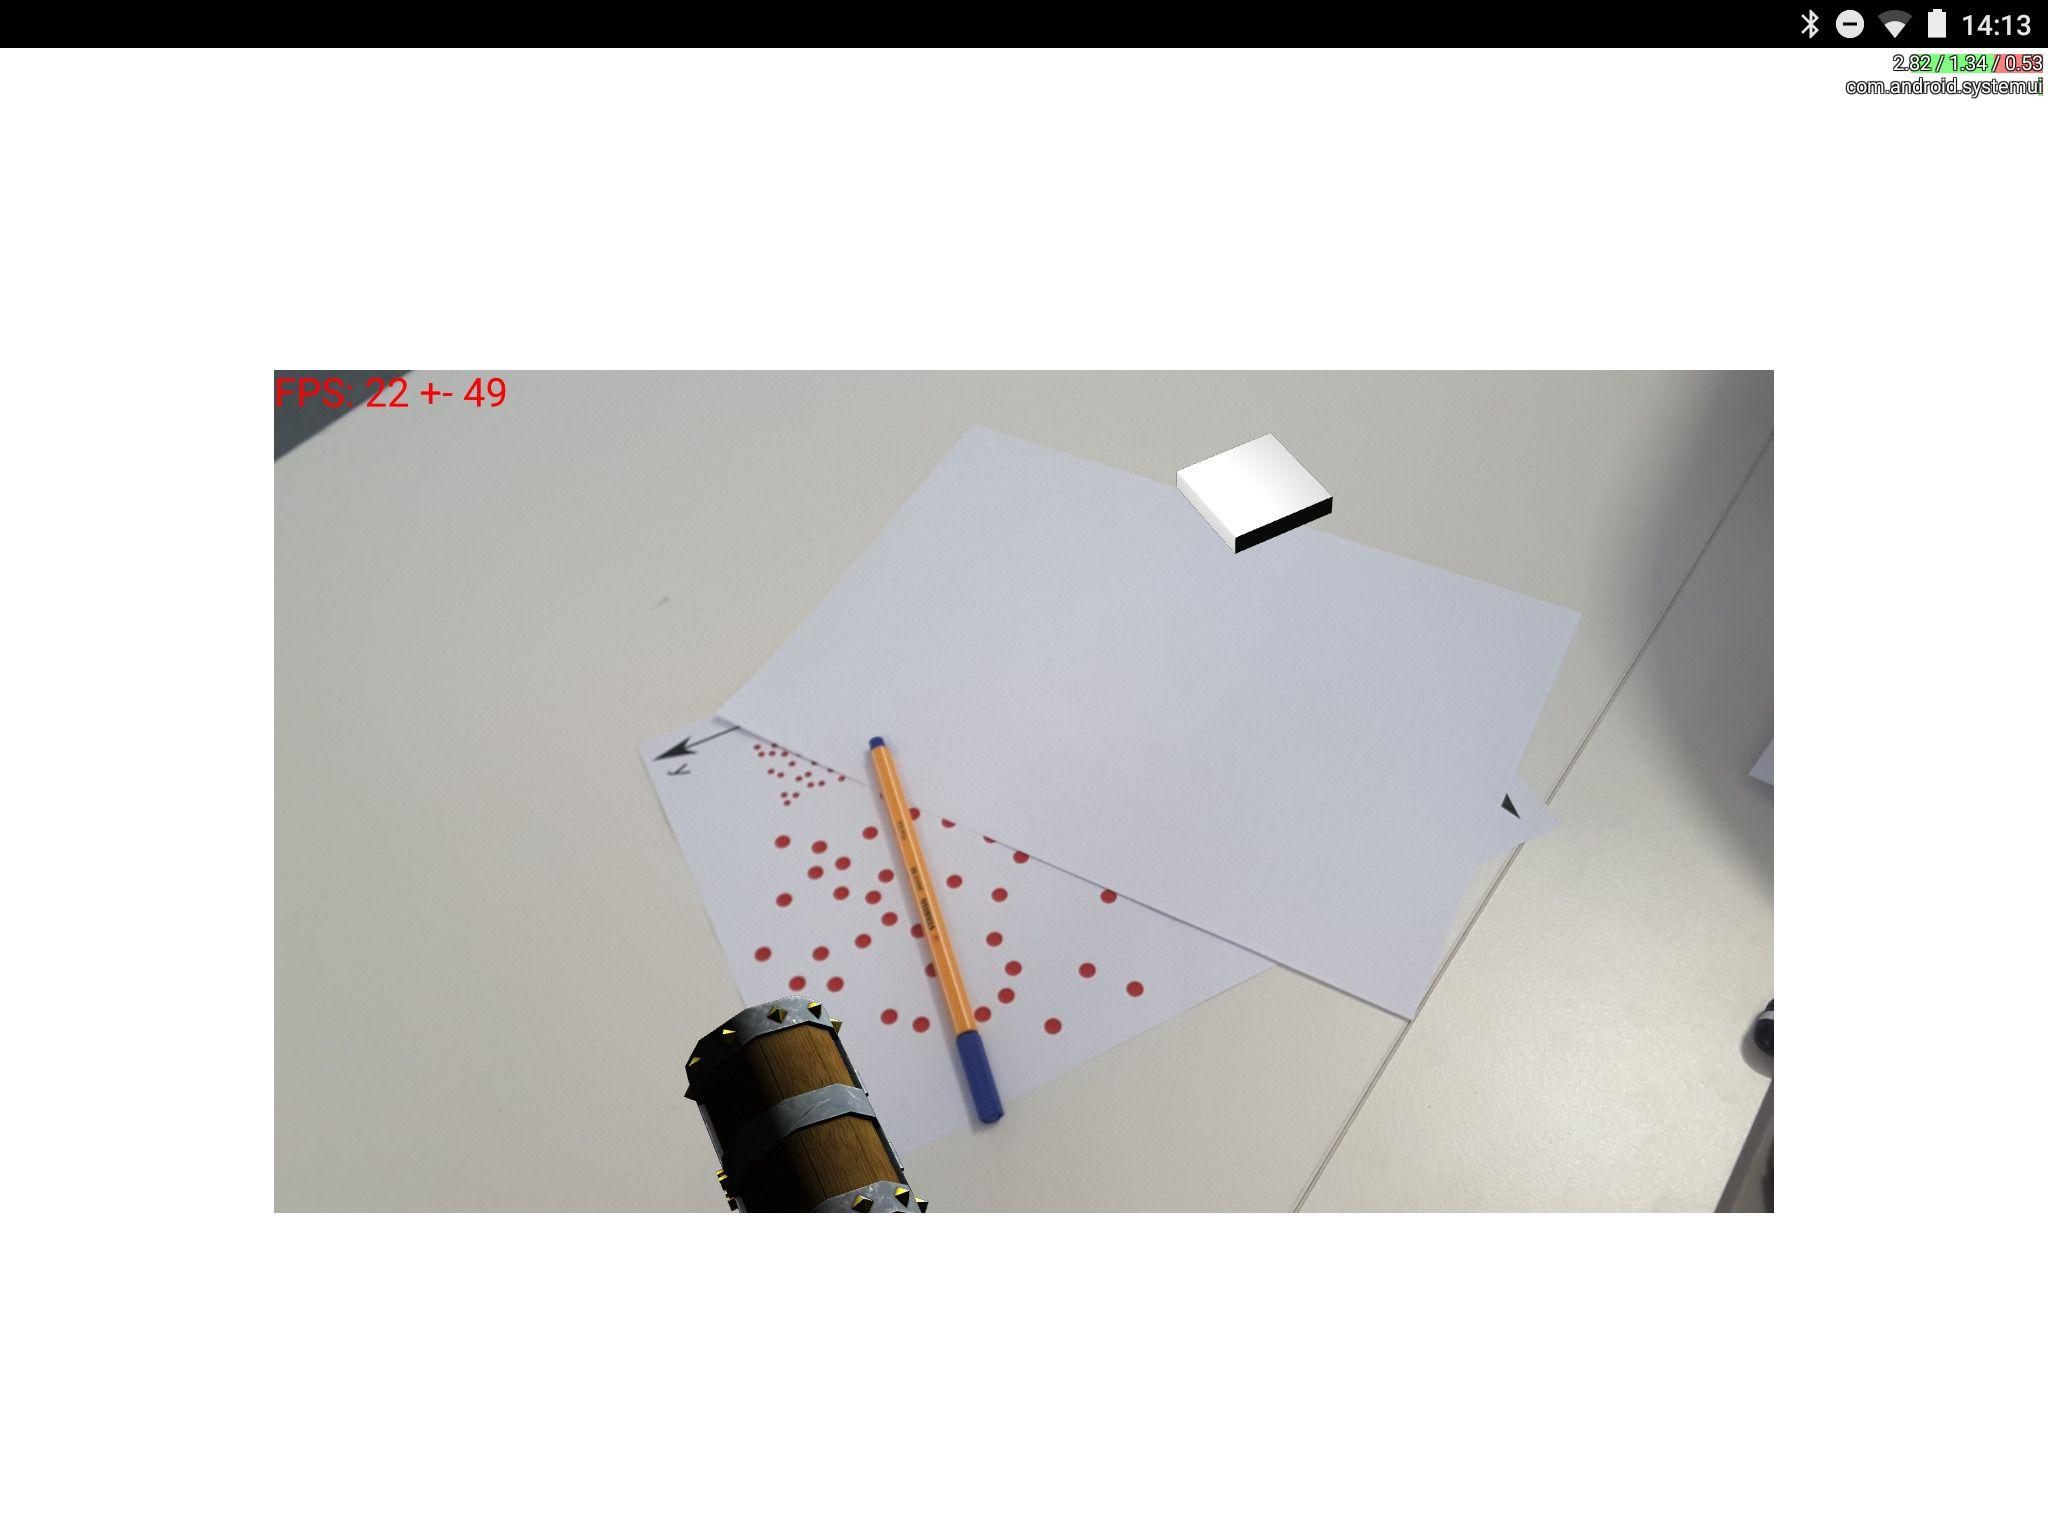 GitHub - chili-epfl/qml-ar: Seamless Augmented Reality